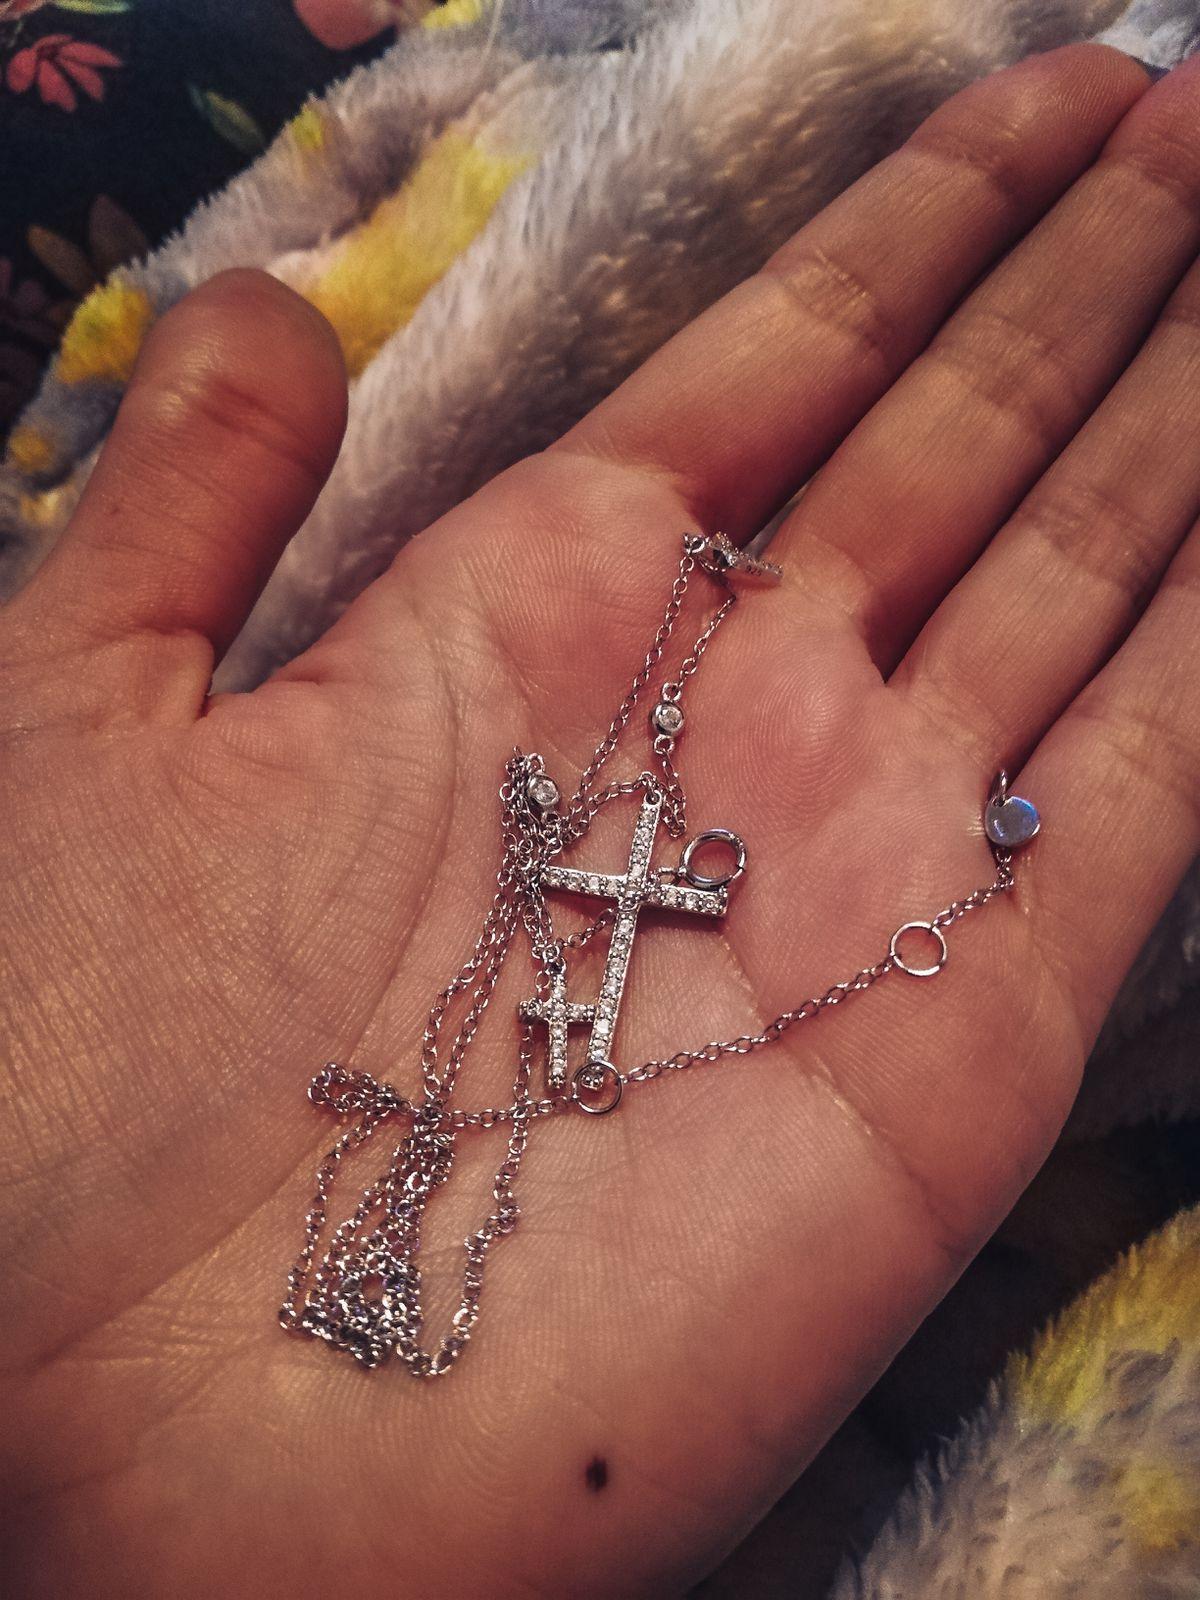 Давно хотела миленький крестик. Наконец нашла.